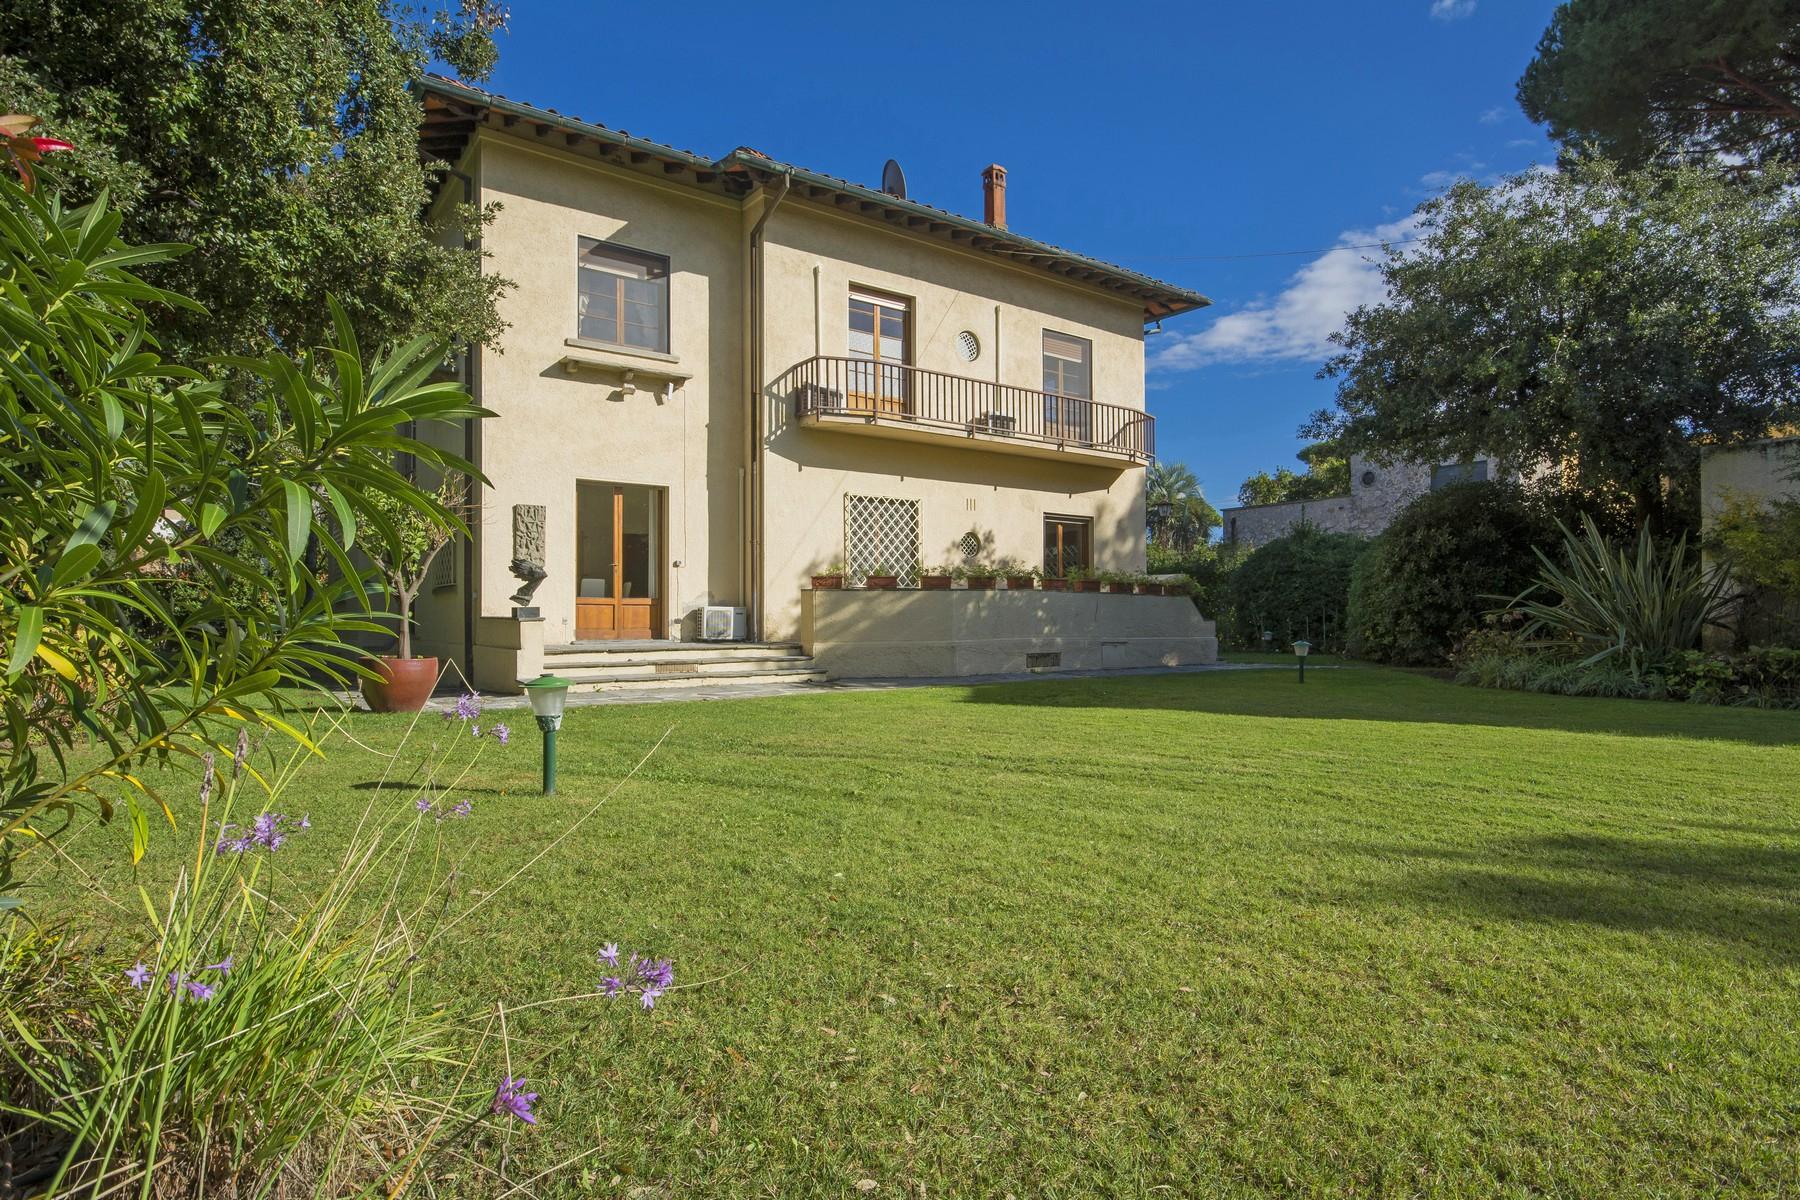 Villa in Vendita a Forte Dei Marmi: 5 locali, 700 mq - Foto 1